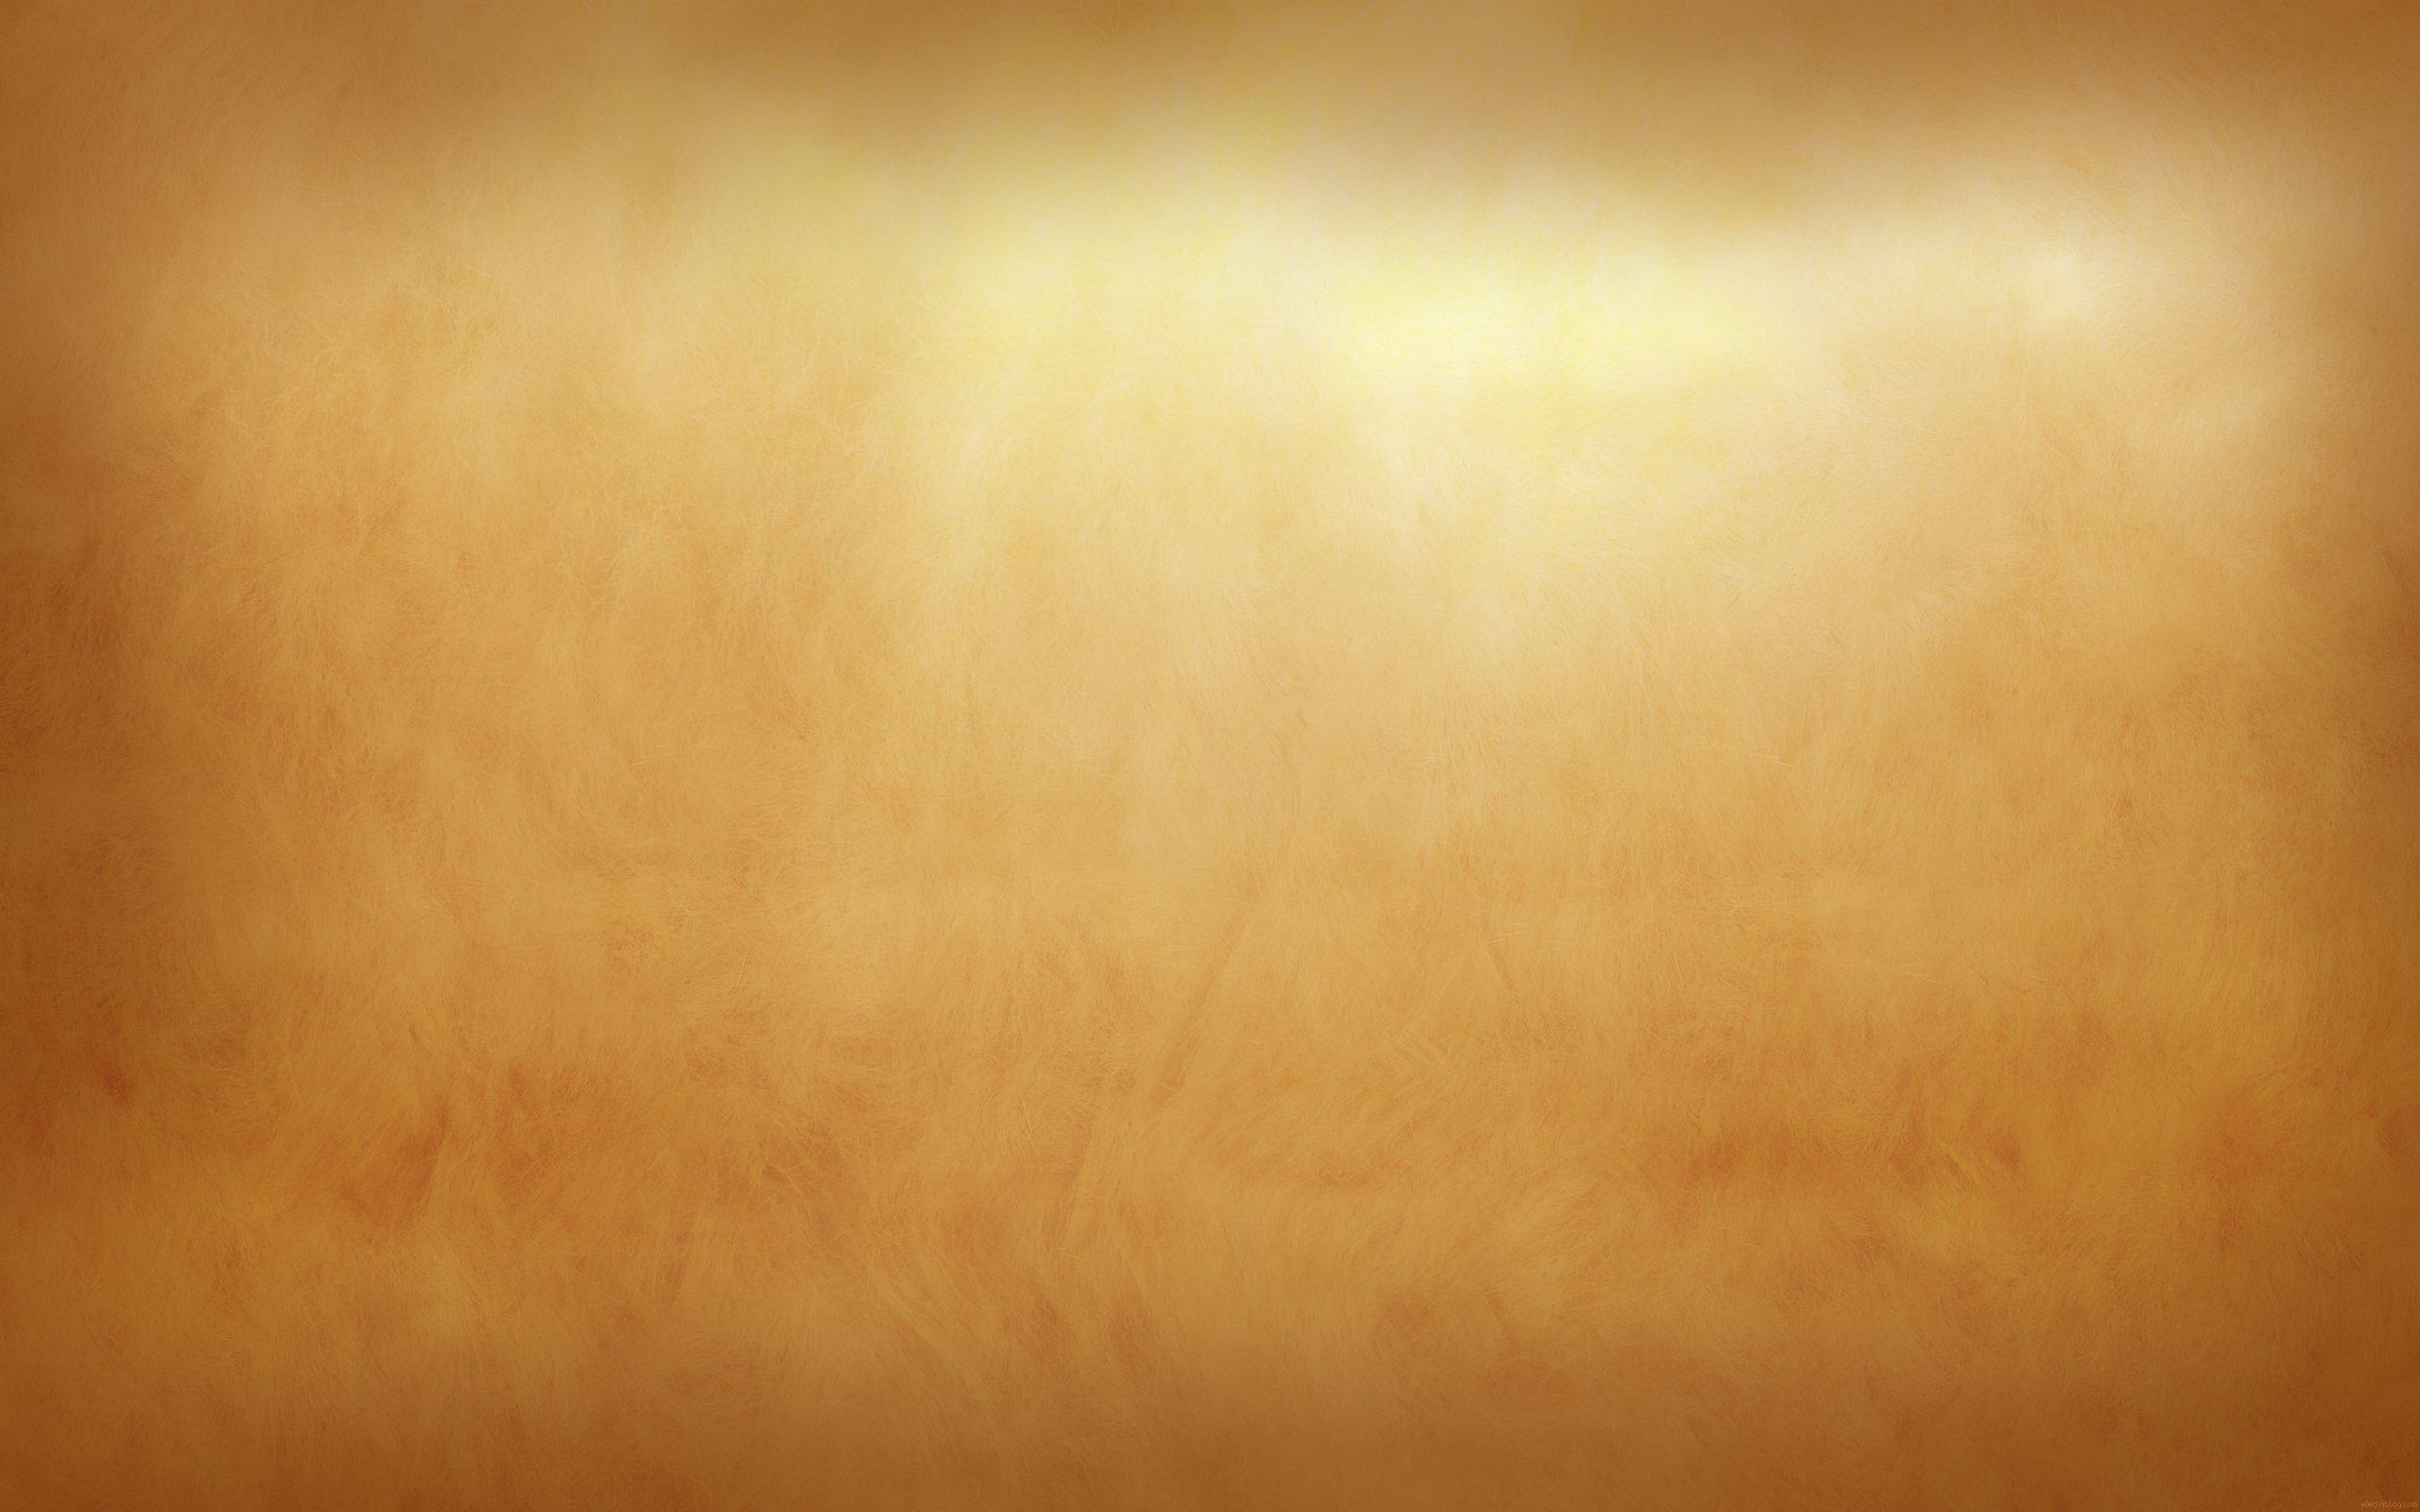 Brown HD Wallpapers - WallpaperSafari